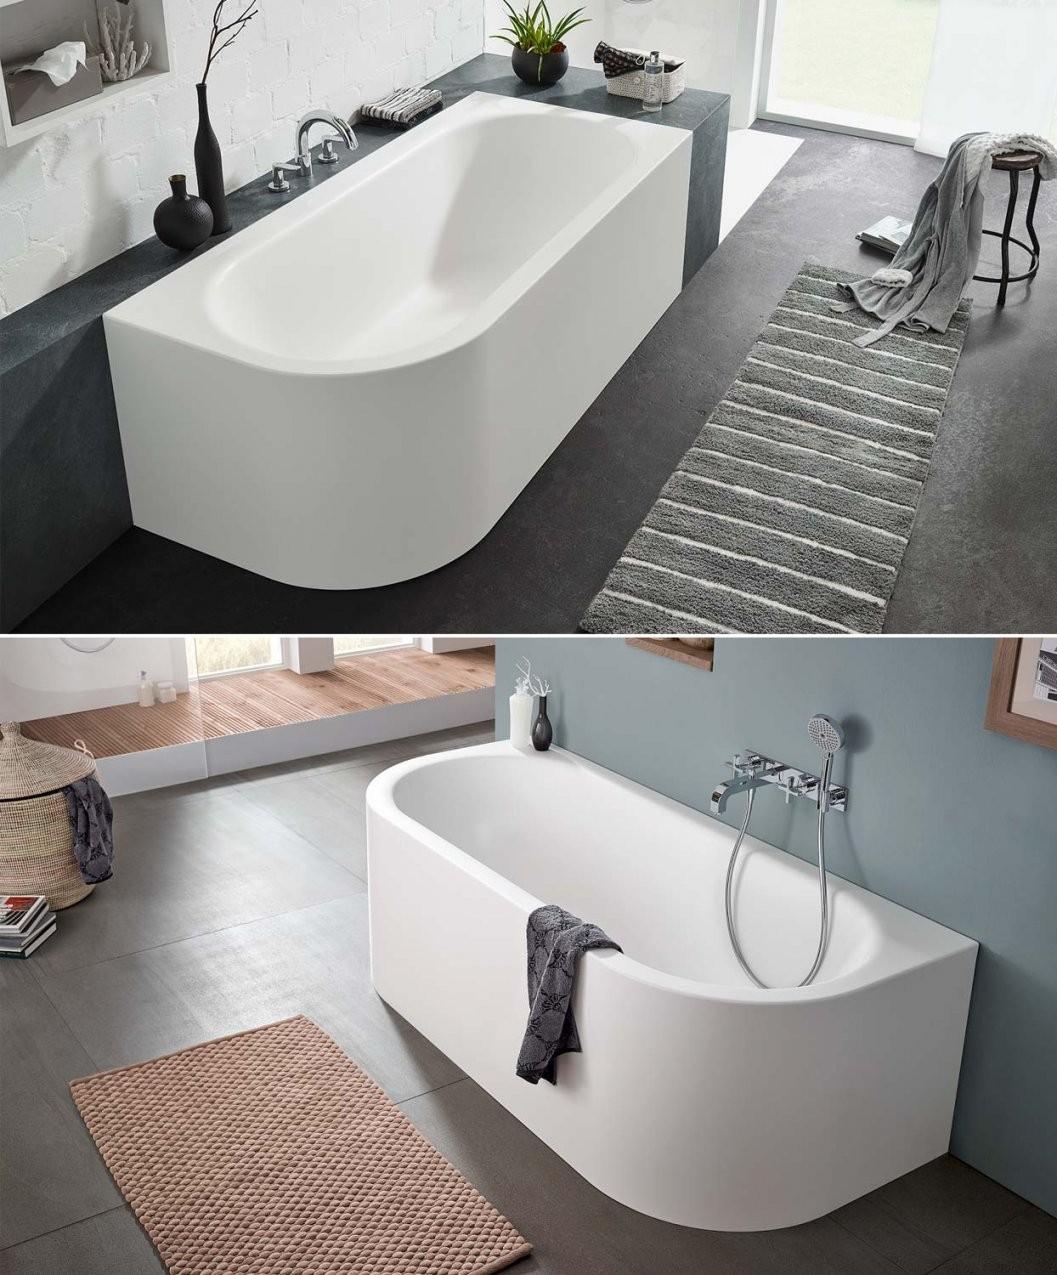 Freistehende Badewanne Eckig ▭ Für Ihr Perfektes Traumbad von Badewanne Emaille Freistehend Bild